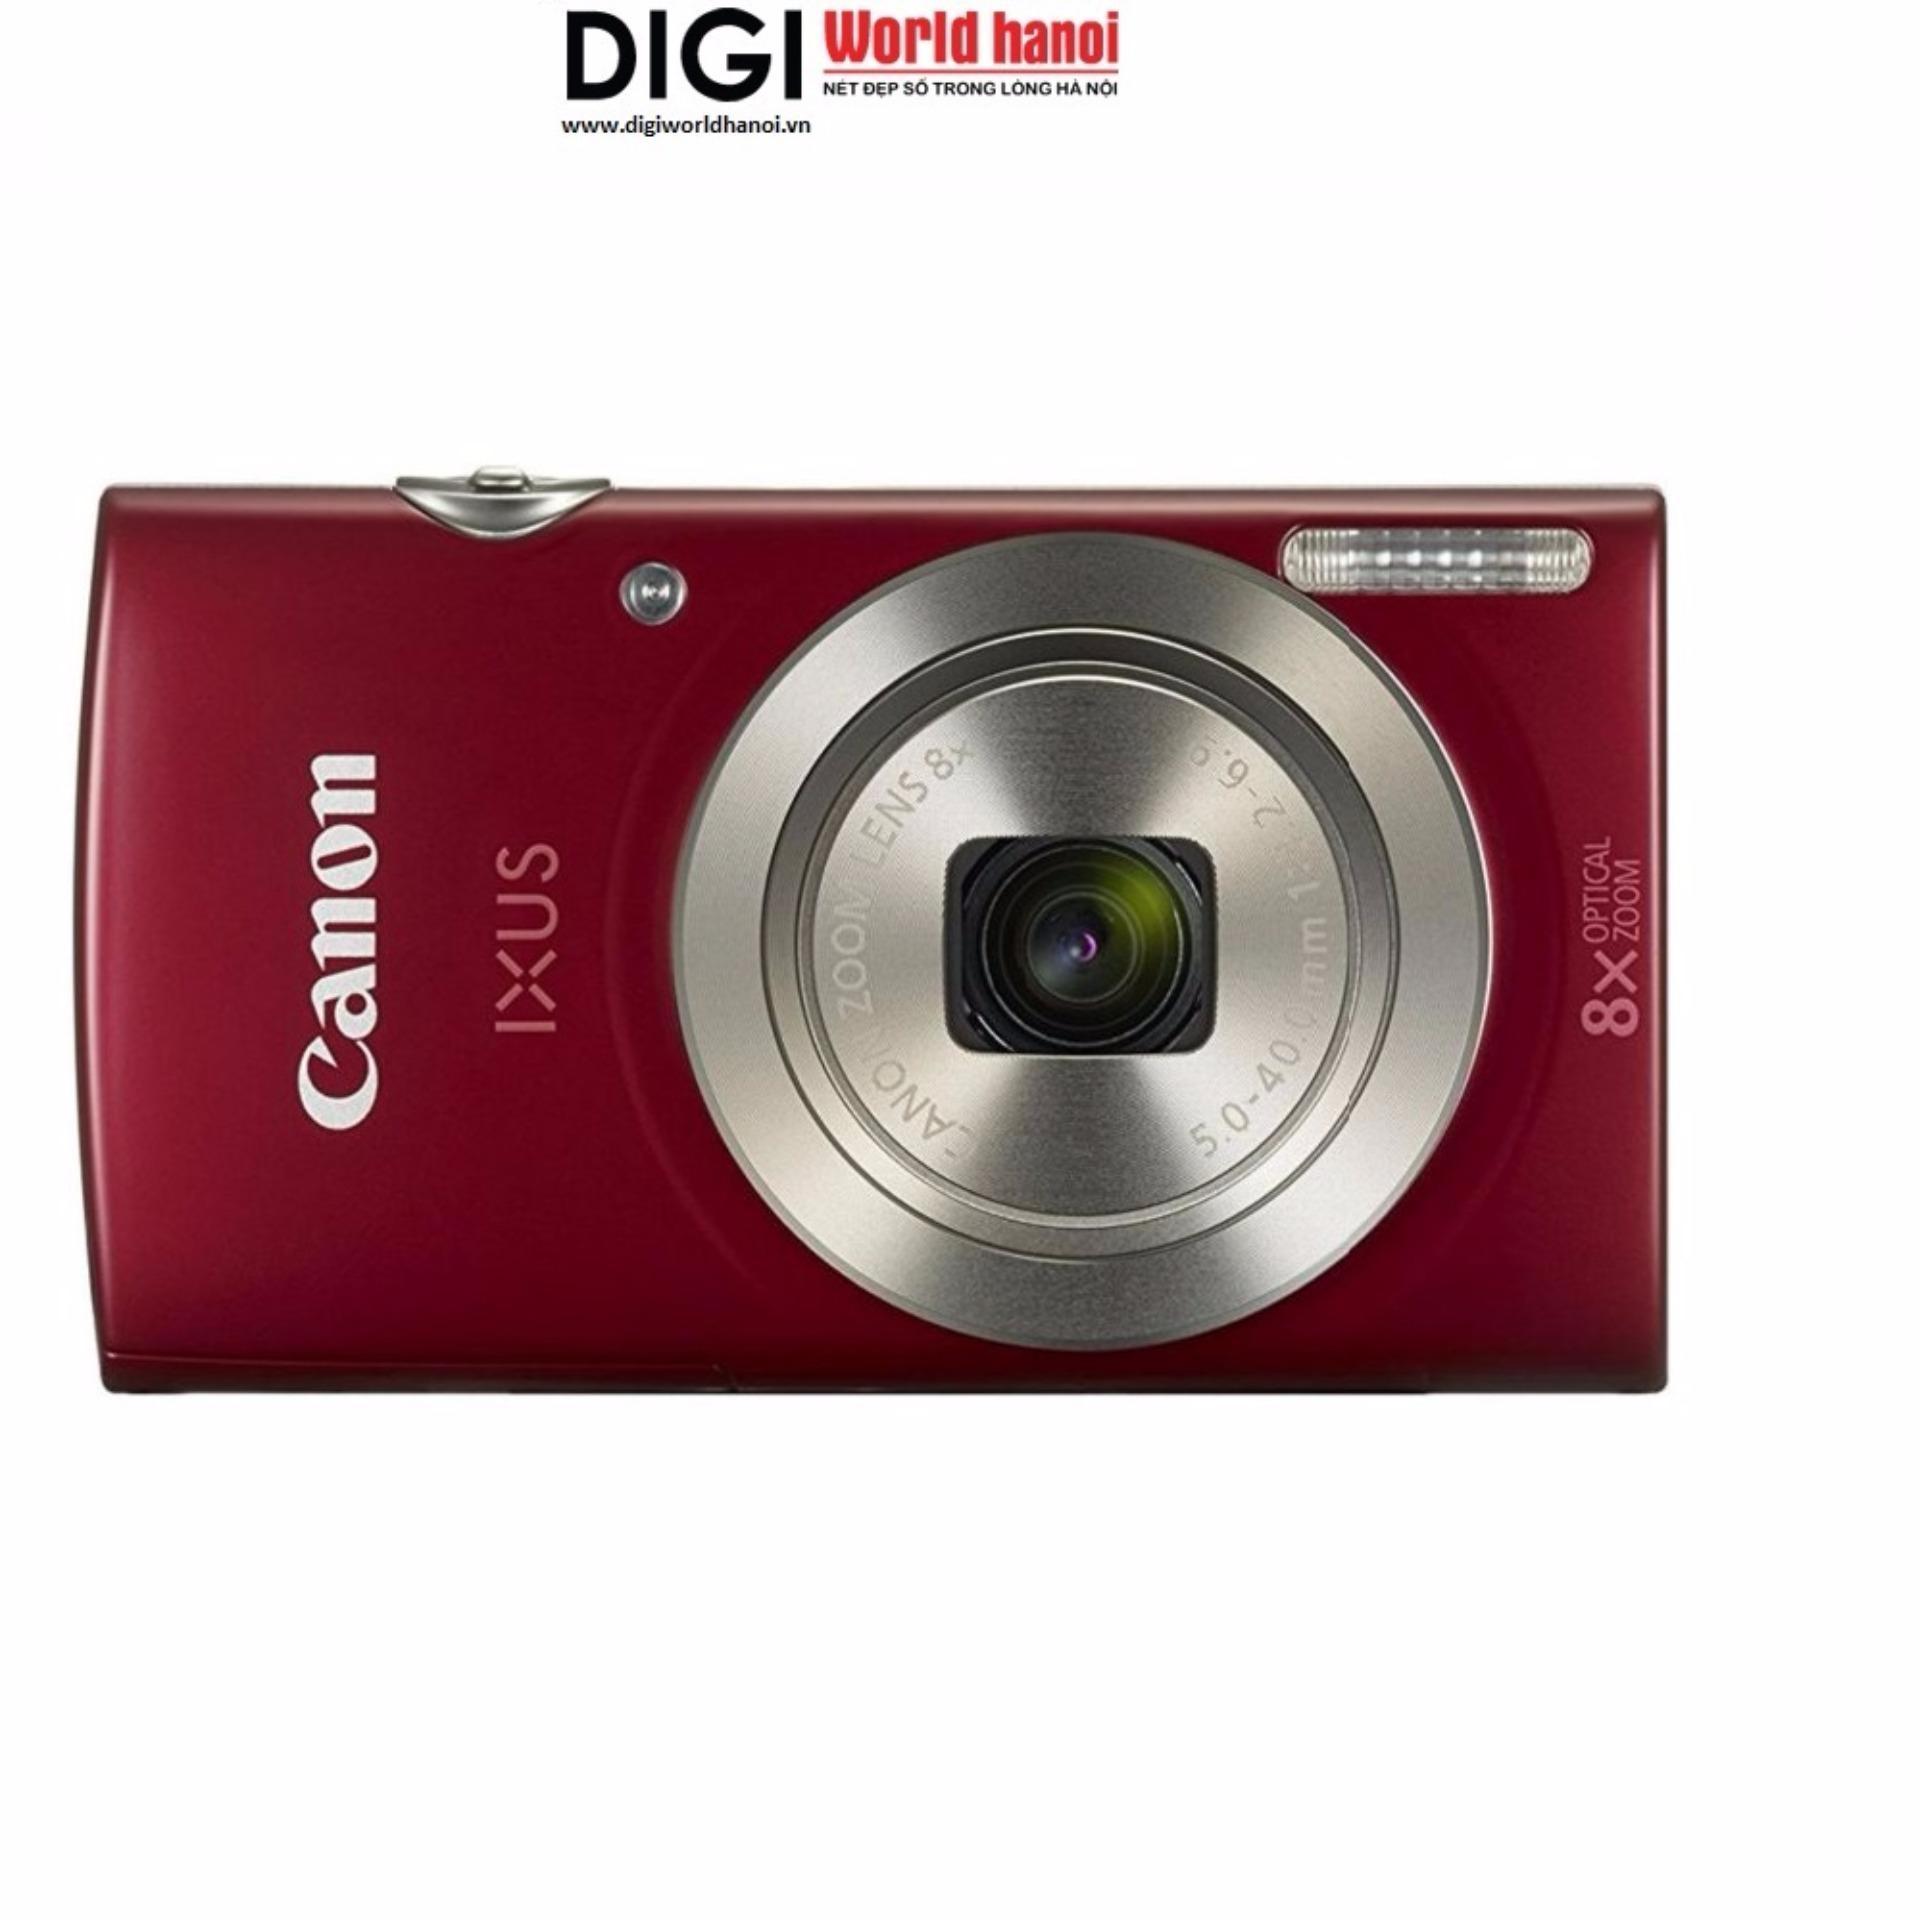 So sánh giá Canon IXUS 185 / màu đỏ (Chính hãng) Tại Digiworld HN